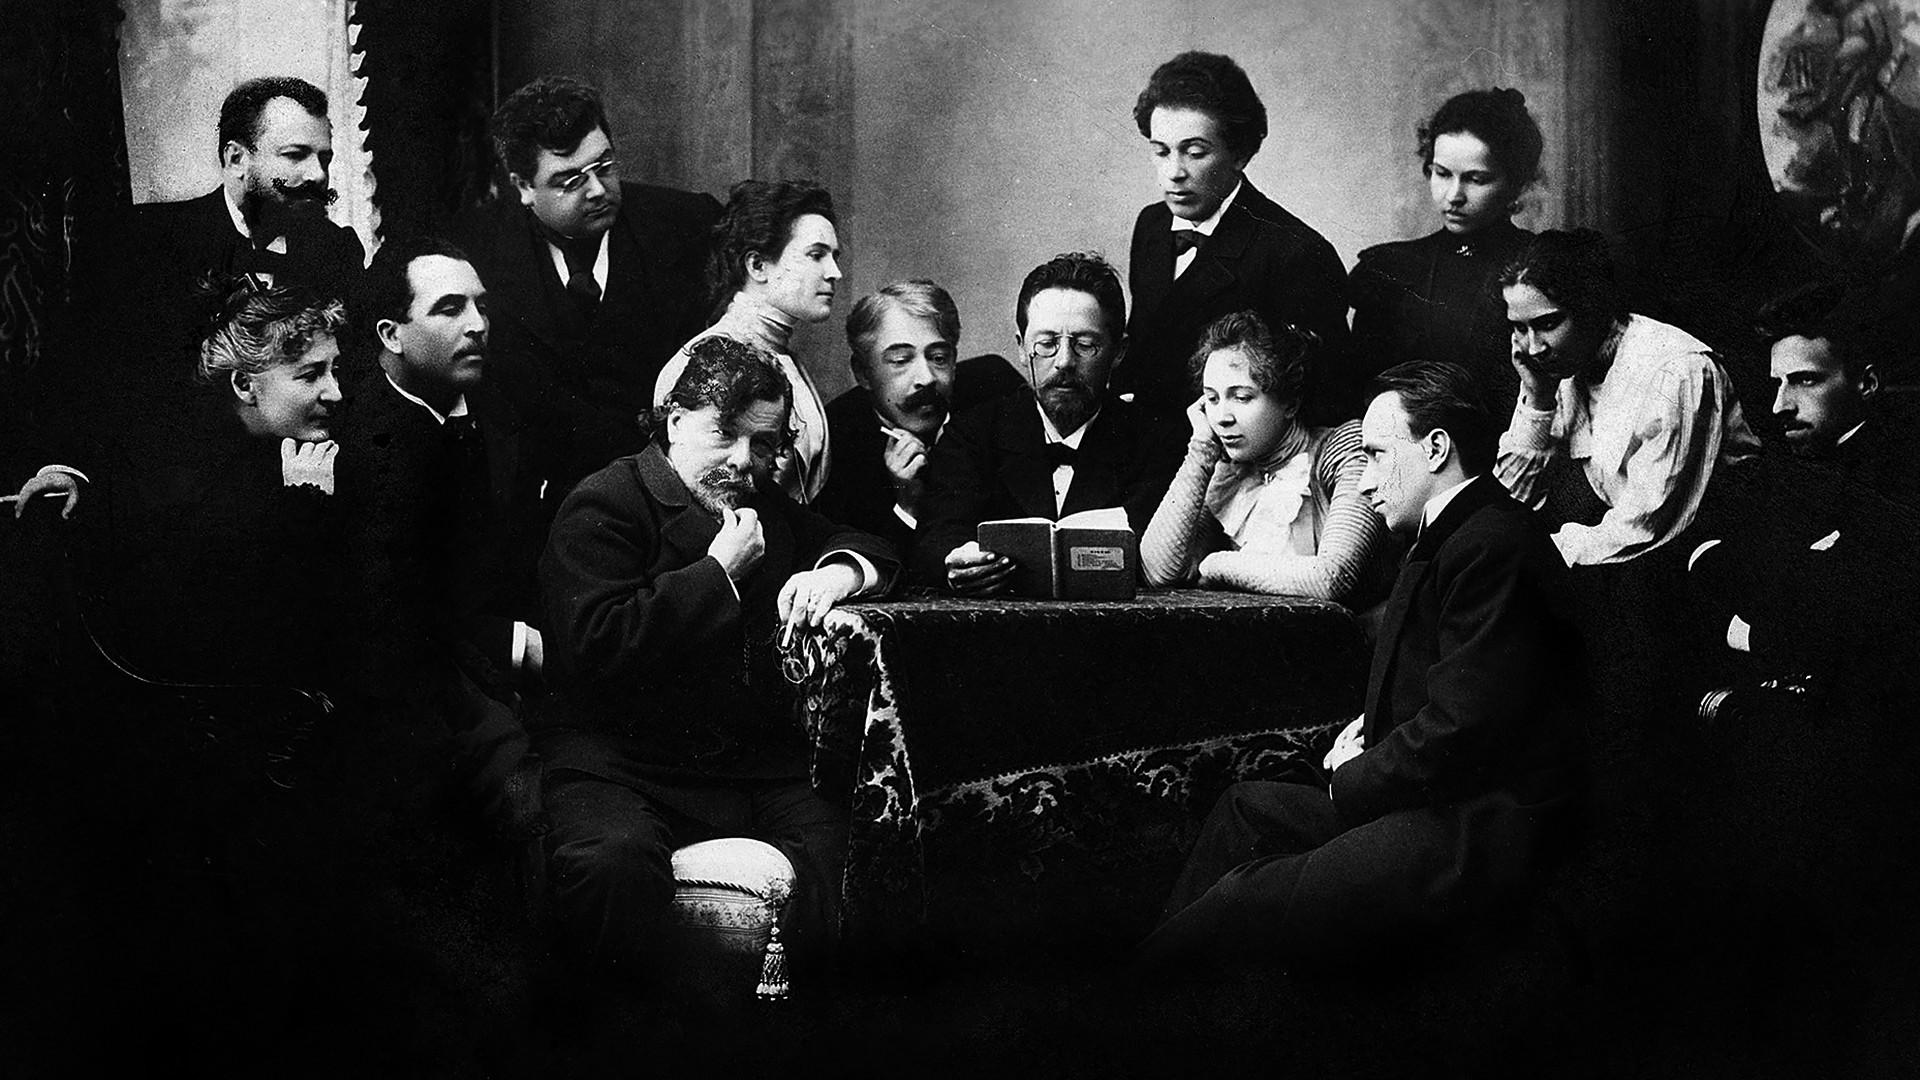 """Tchékhov lê """"A gaivota"""" a um grupo de atores do Teatro de Arte de Moscou. Entre eles estão Konstantín Stanislávski (à esq. de Tchékhov), Olga Knipper (segunda à direita de Tchékhov), Vsevolód Meyerhold (dir.), e Vladímir Nemirovitch Dantchenko (em pé à esq.)."""